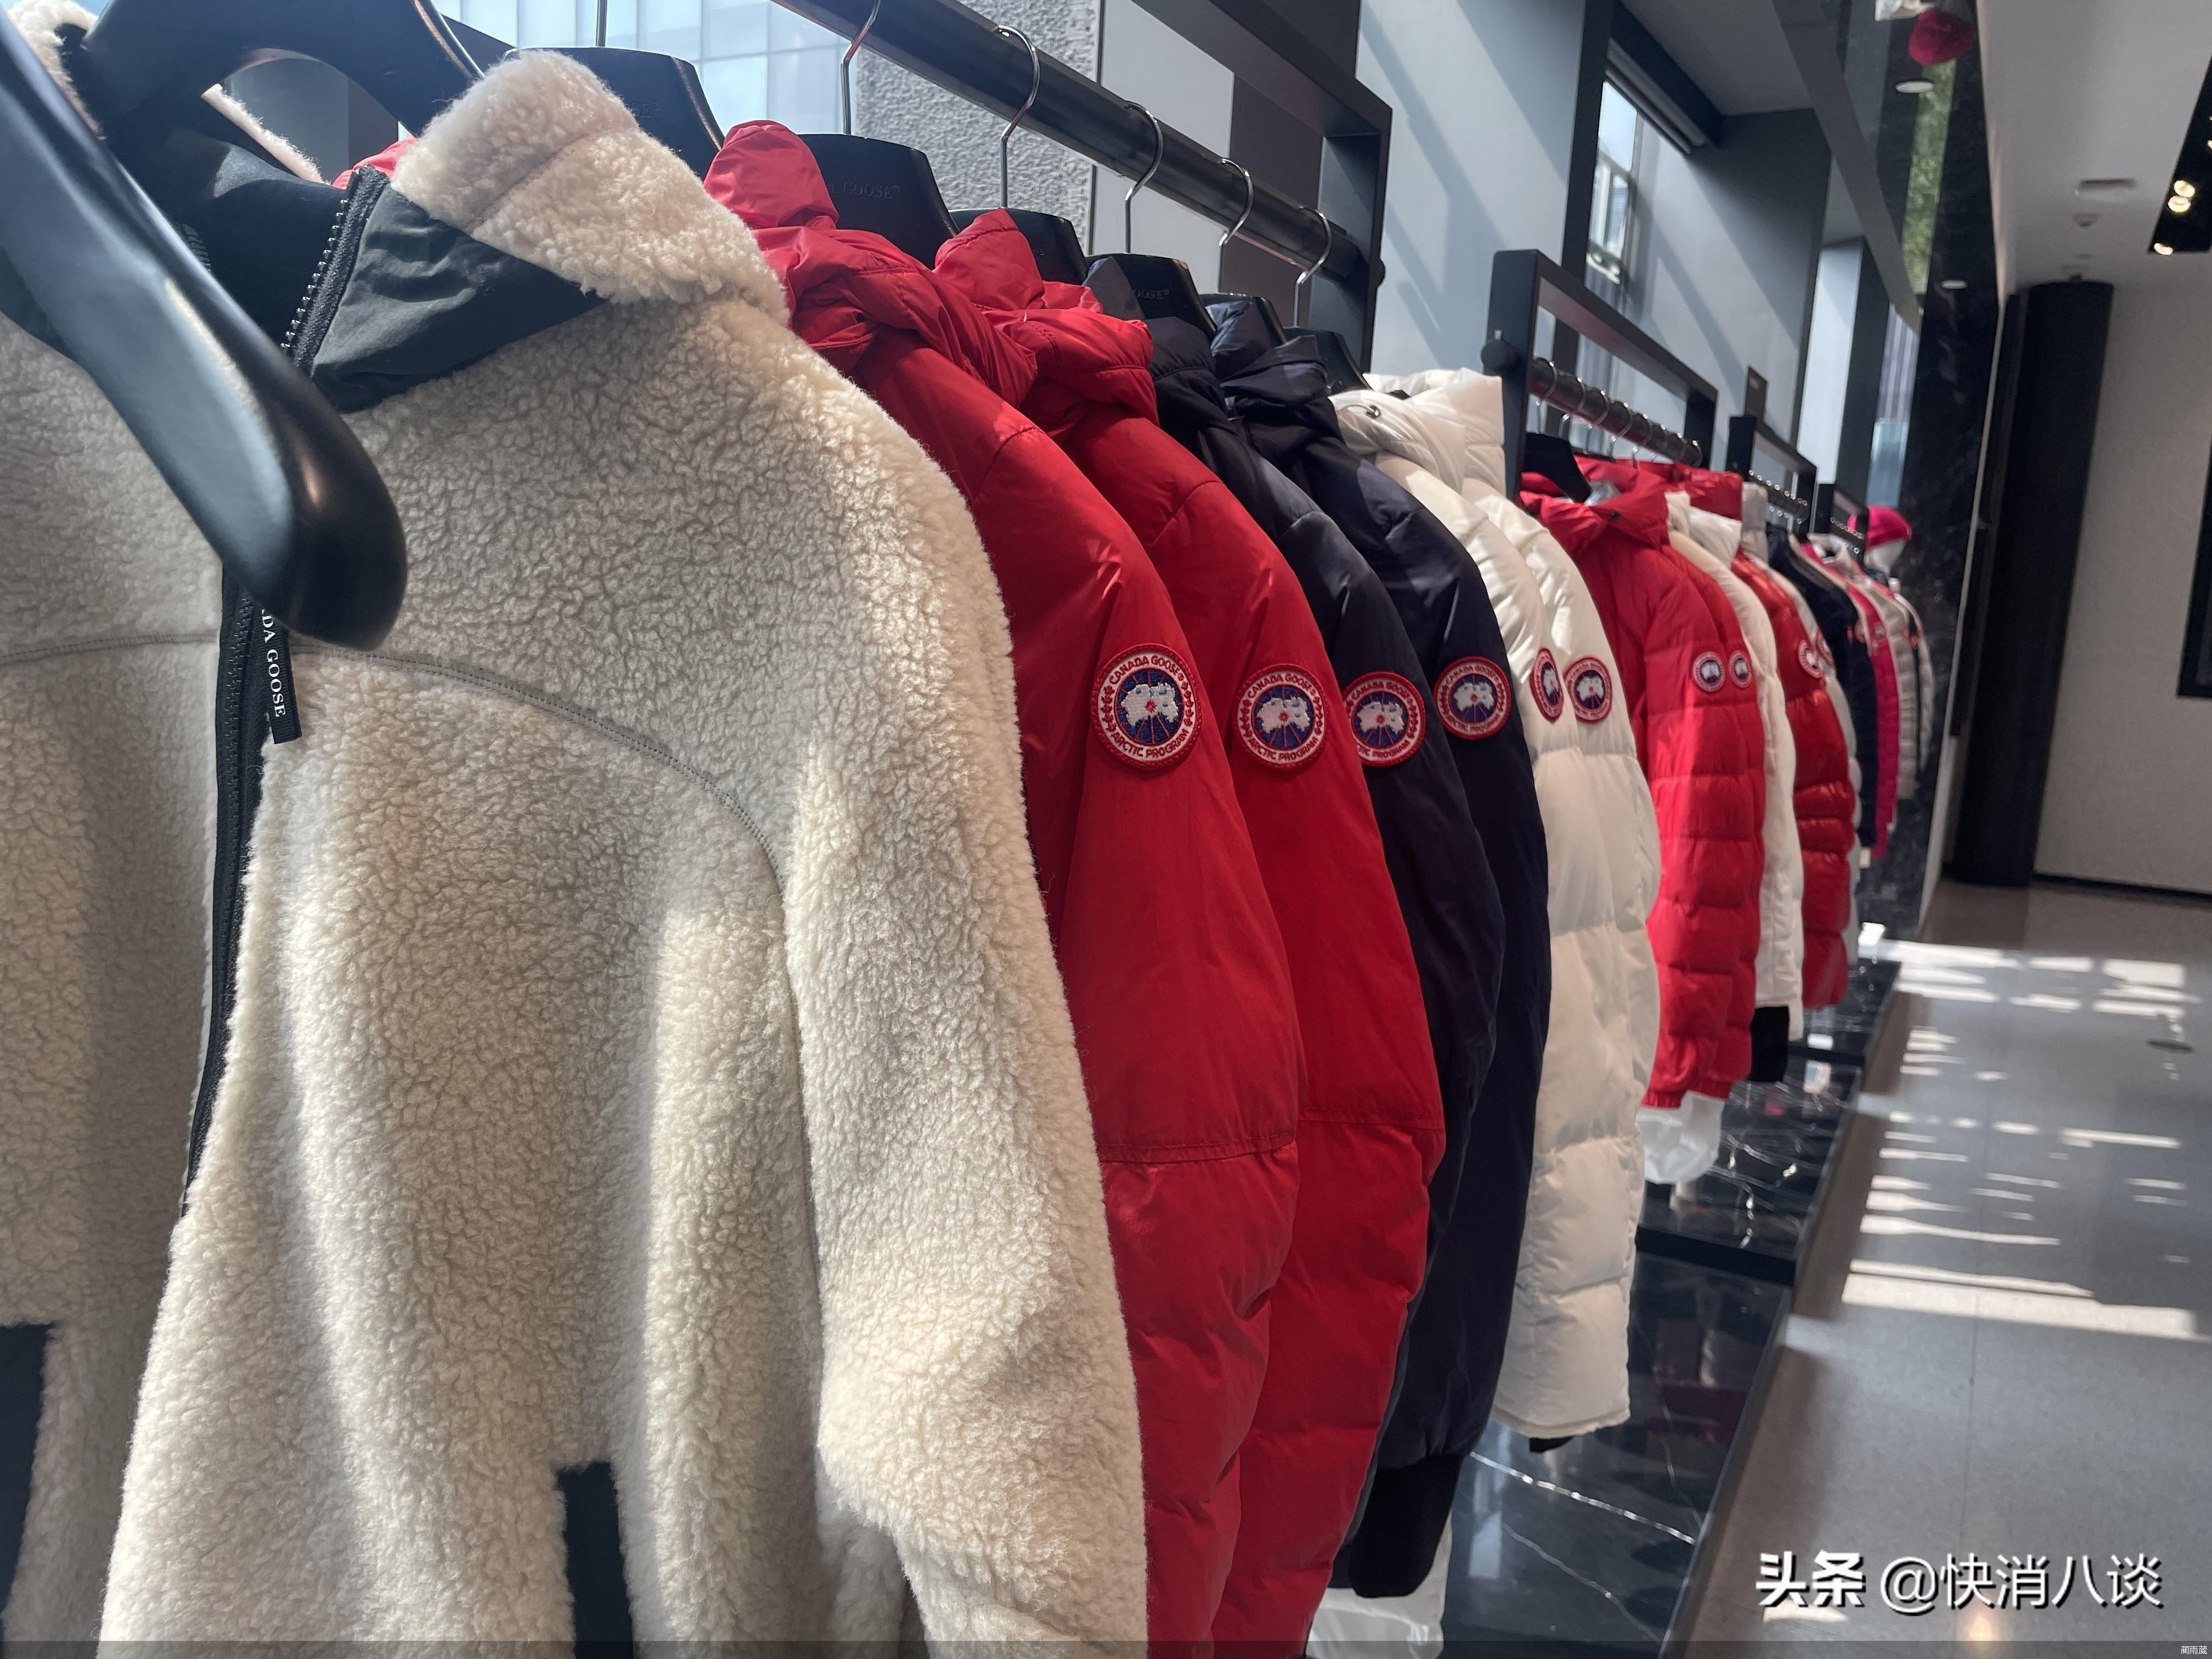 """一件羽绒服上万元!""""加拿大鹅""""里面装的全是鸭绒?网友:改叫""""加拿大鸭""""吧"""